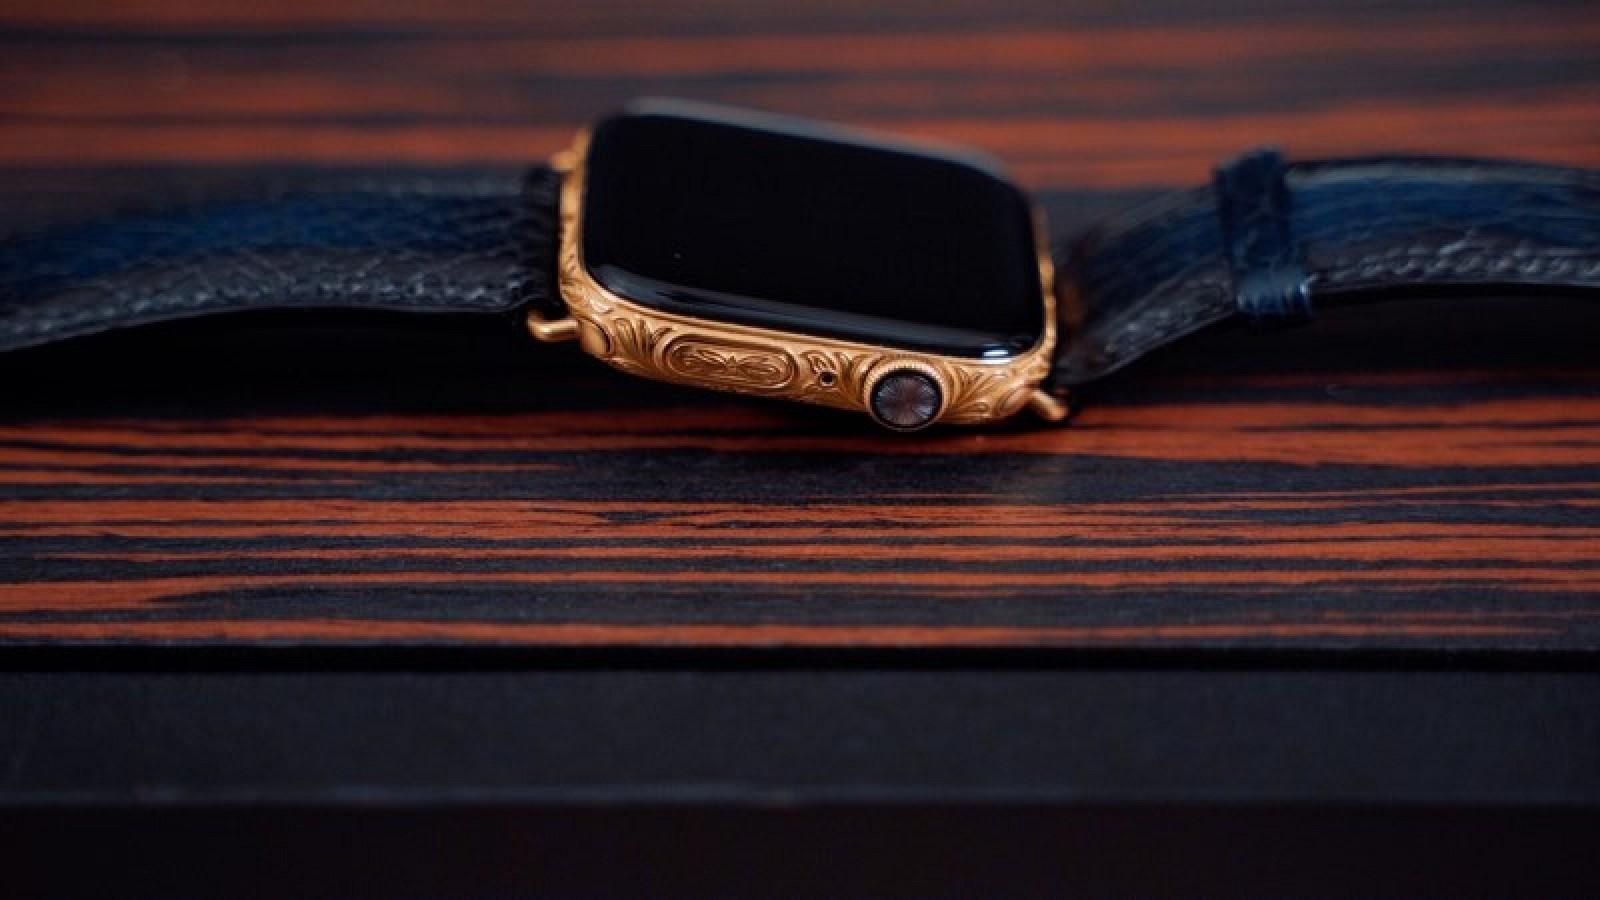 Chiêm ngưỡng Apple Watch Series 4 phiên bản mạ vàng có giá 2.200 USD hình 2